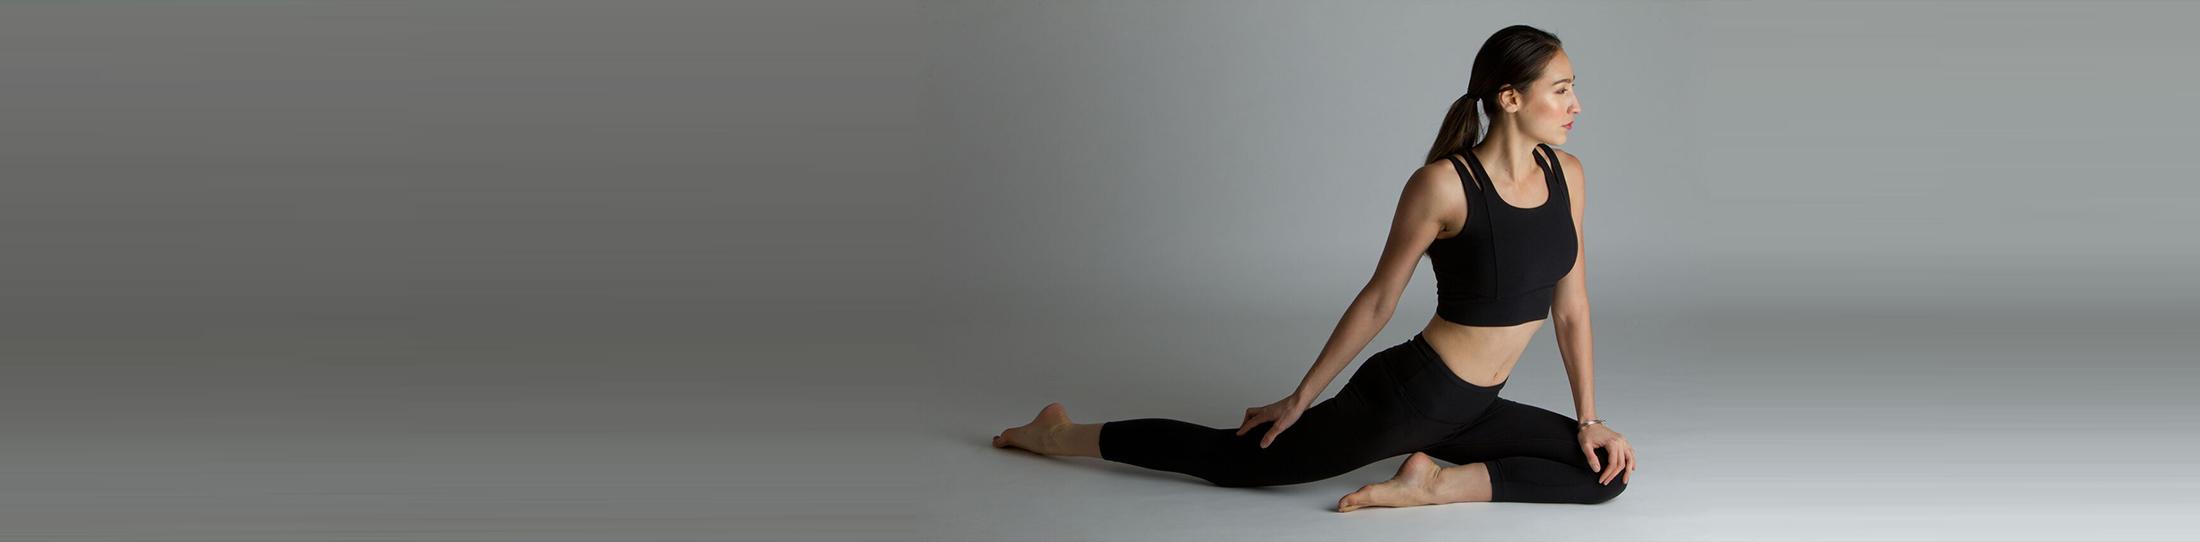 yoga-capris-crops.jpg